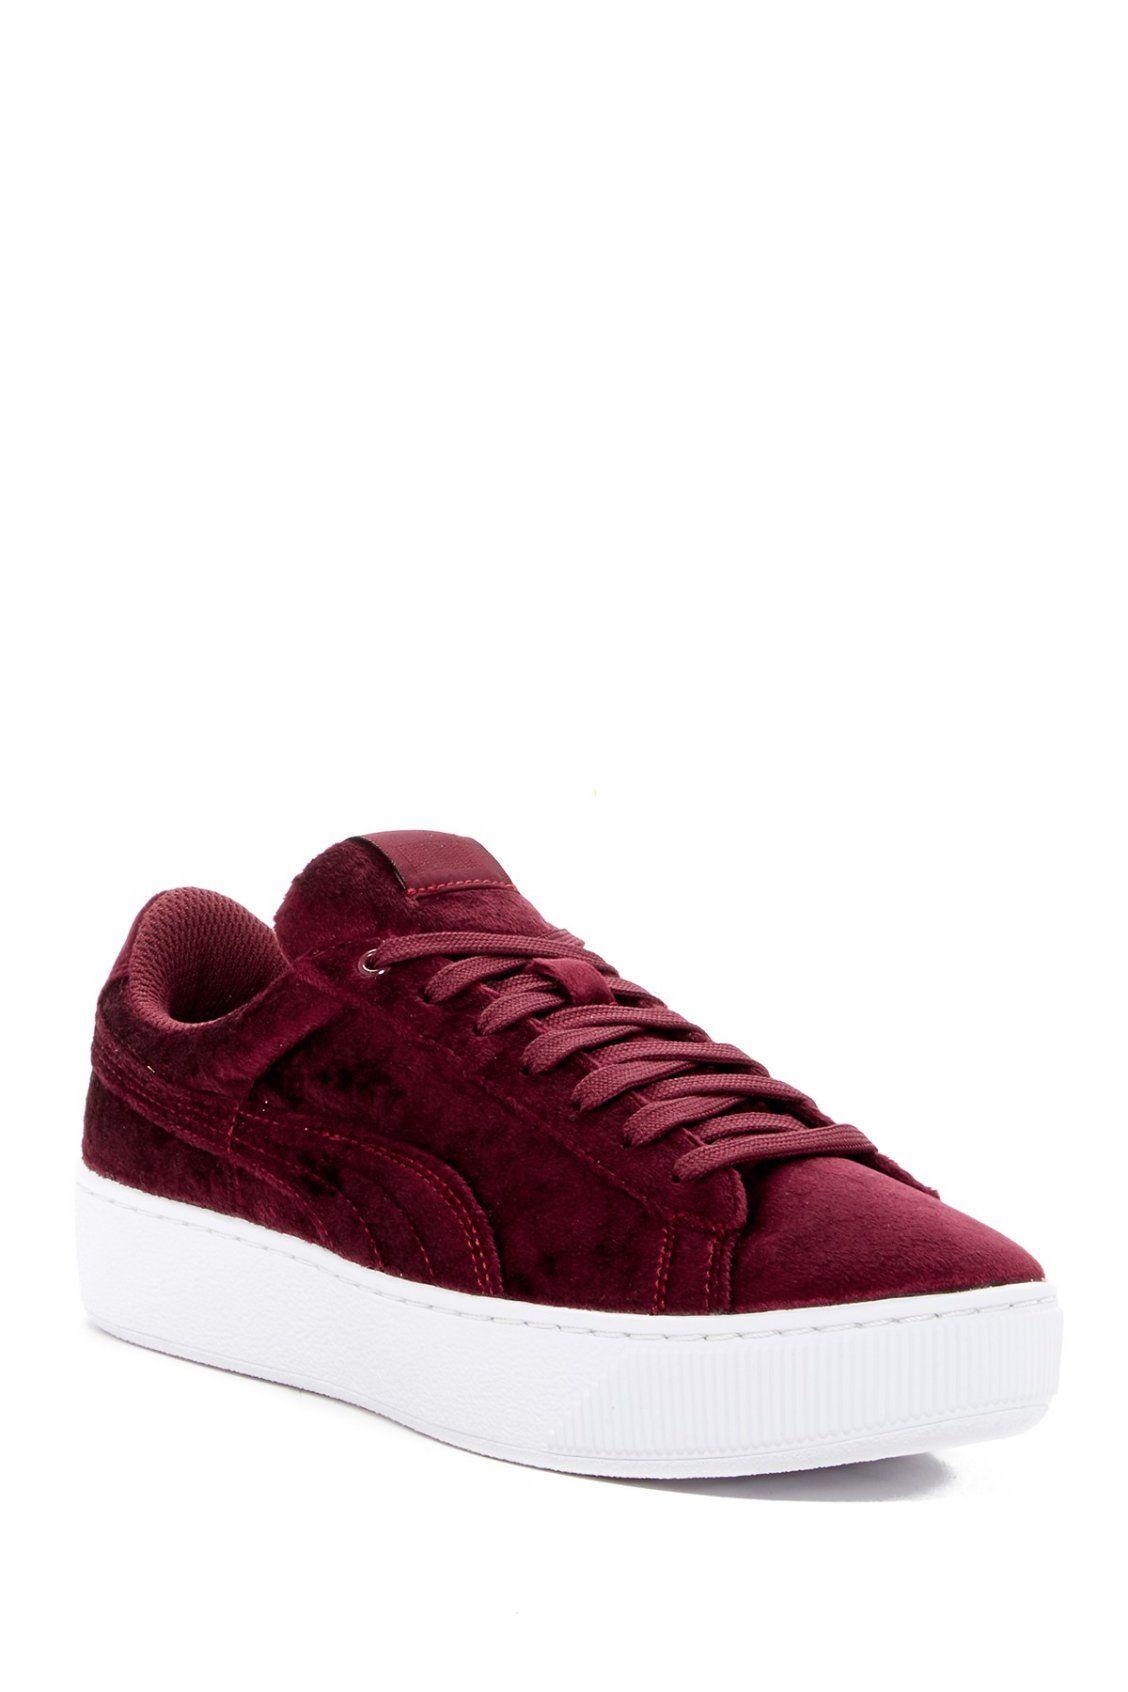 73016462973b PUMA Vikky Platform Sneakers Platform Sneakers